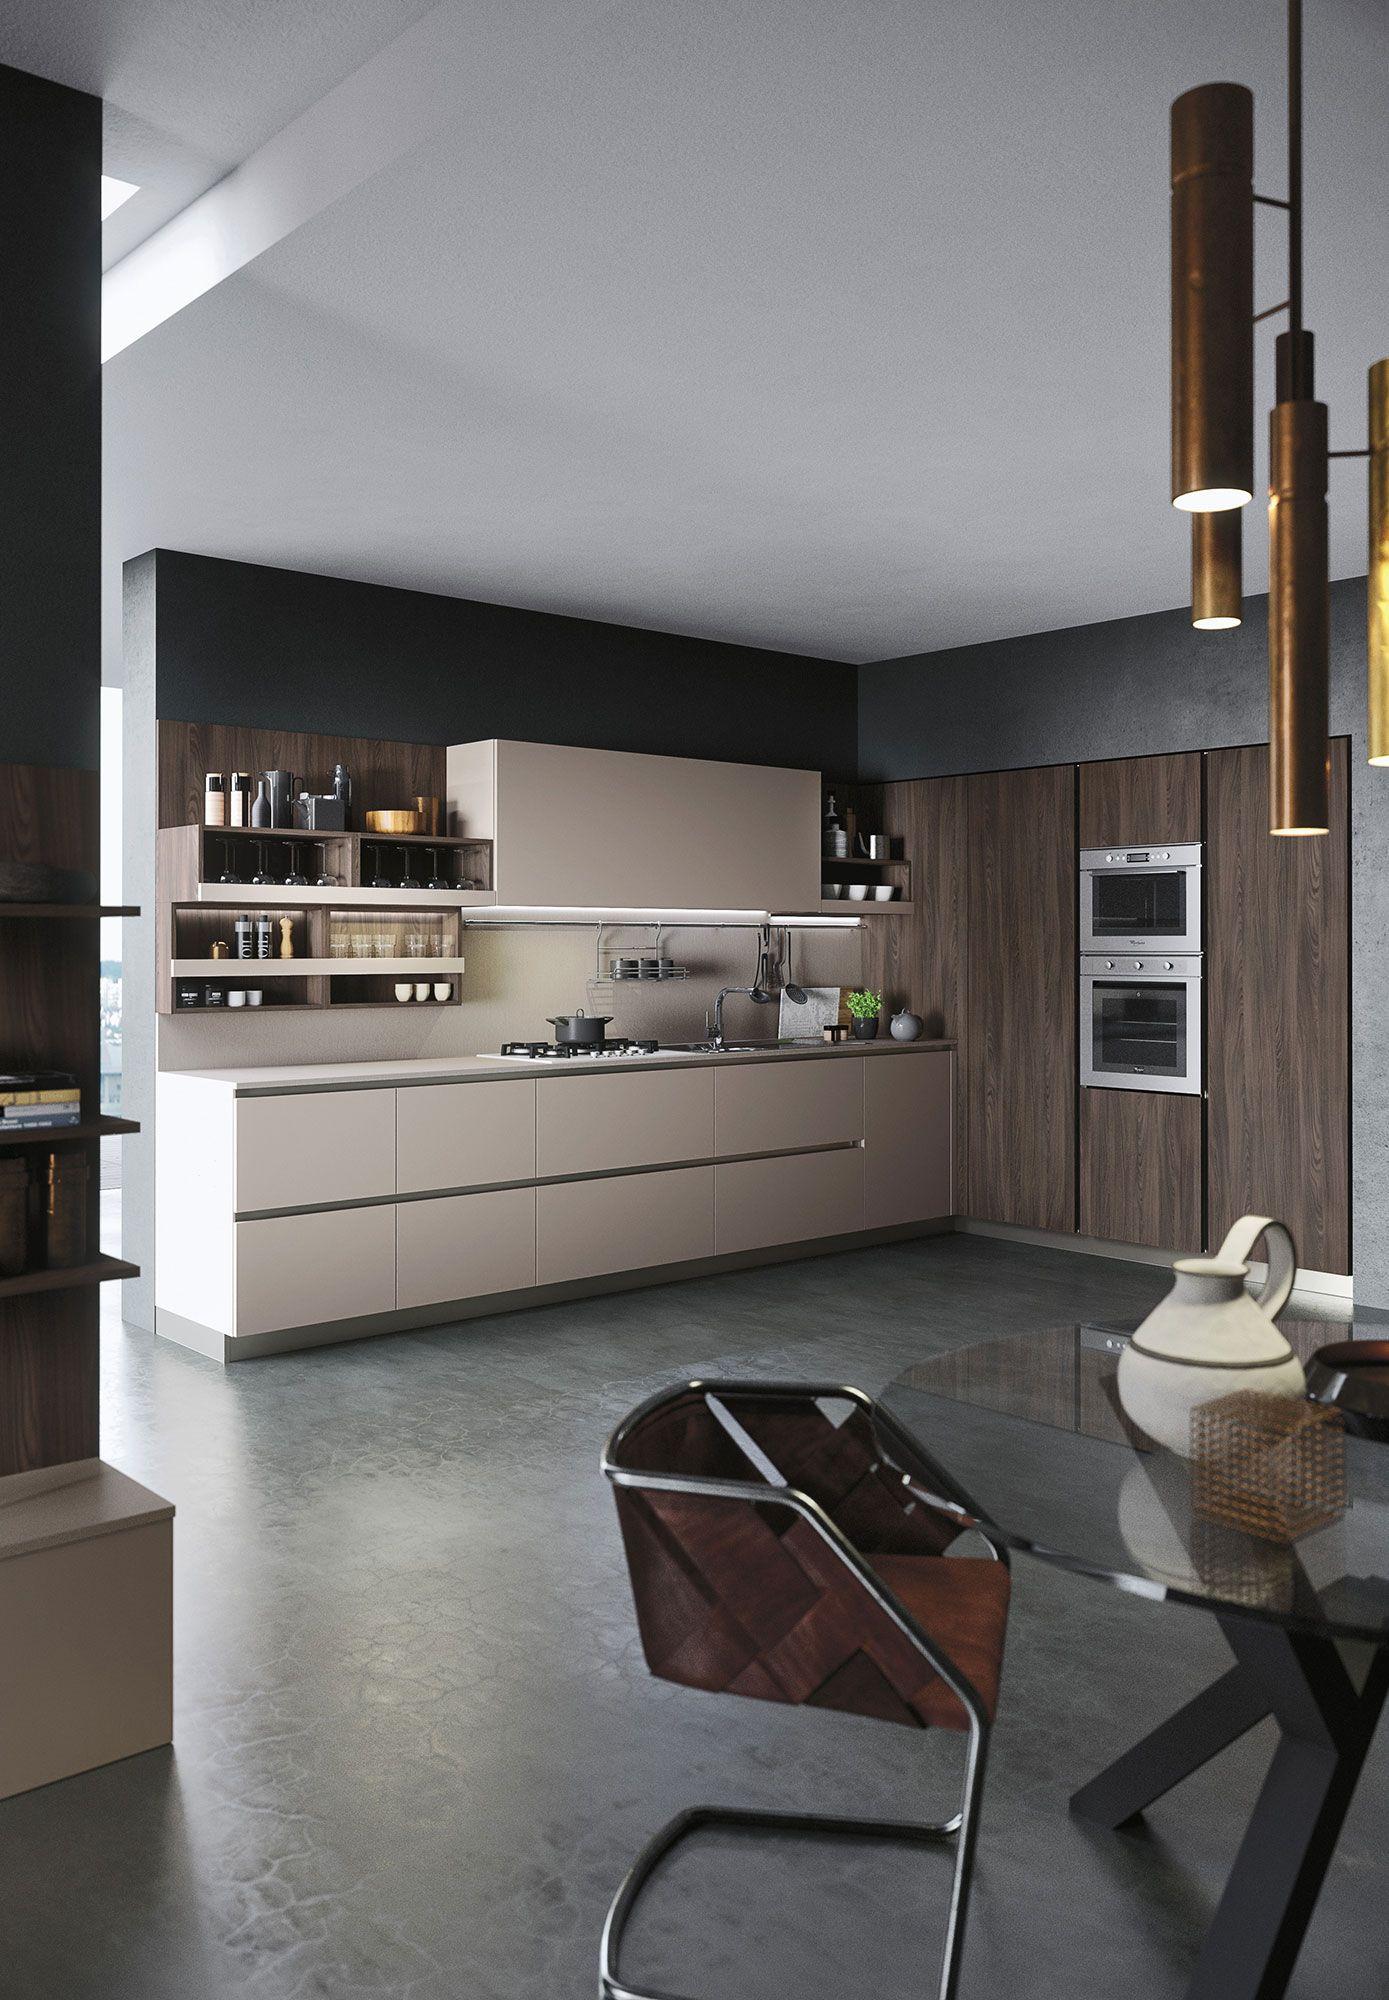 Modern kitchen first kitchen lab pinterest grey laminate kitchens and kitchen cabinet doors - Cuisine noblessa ...